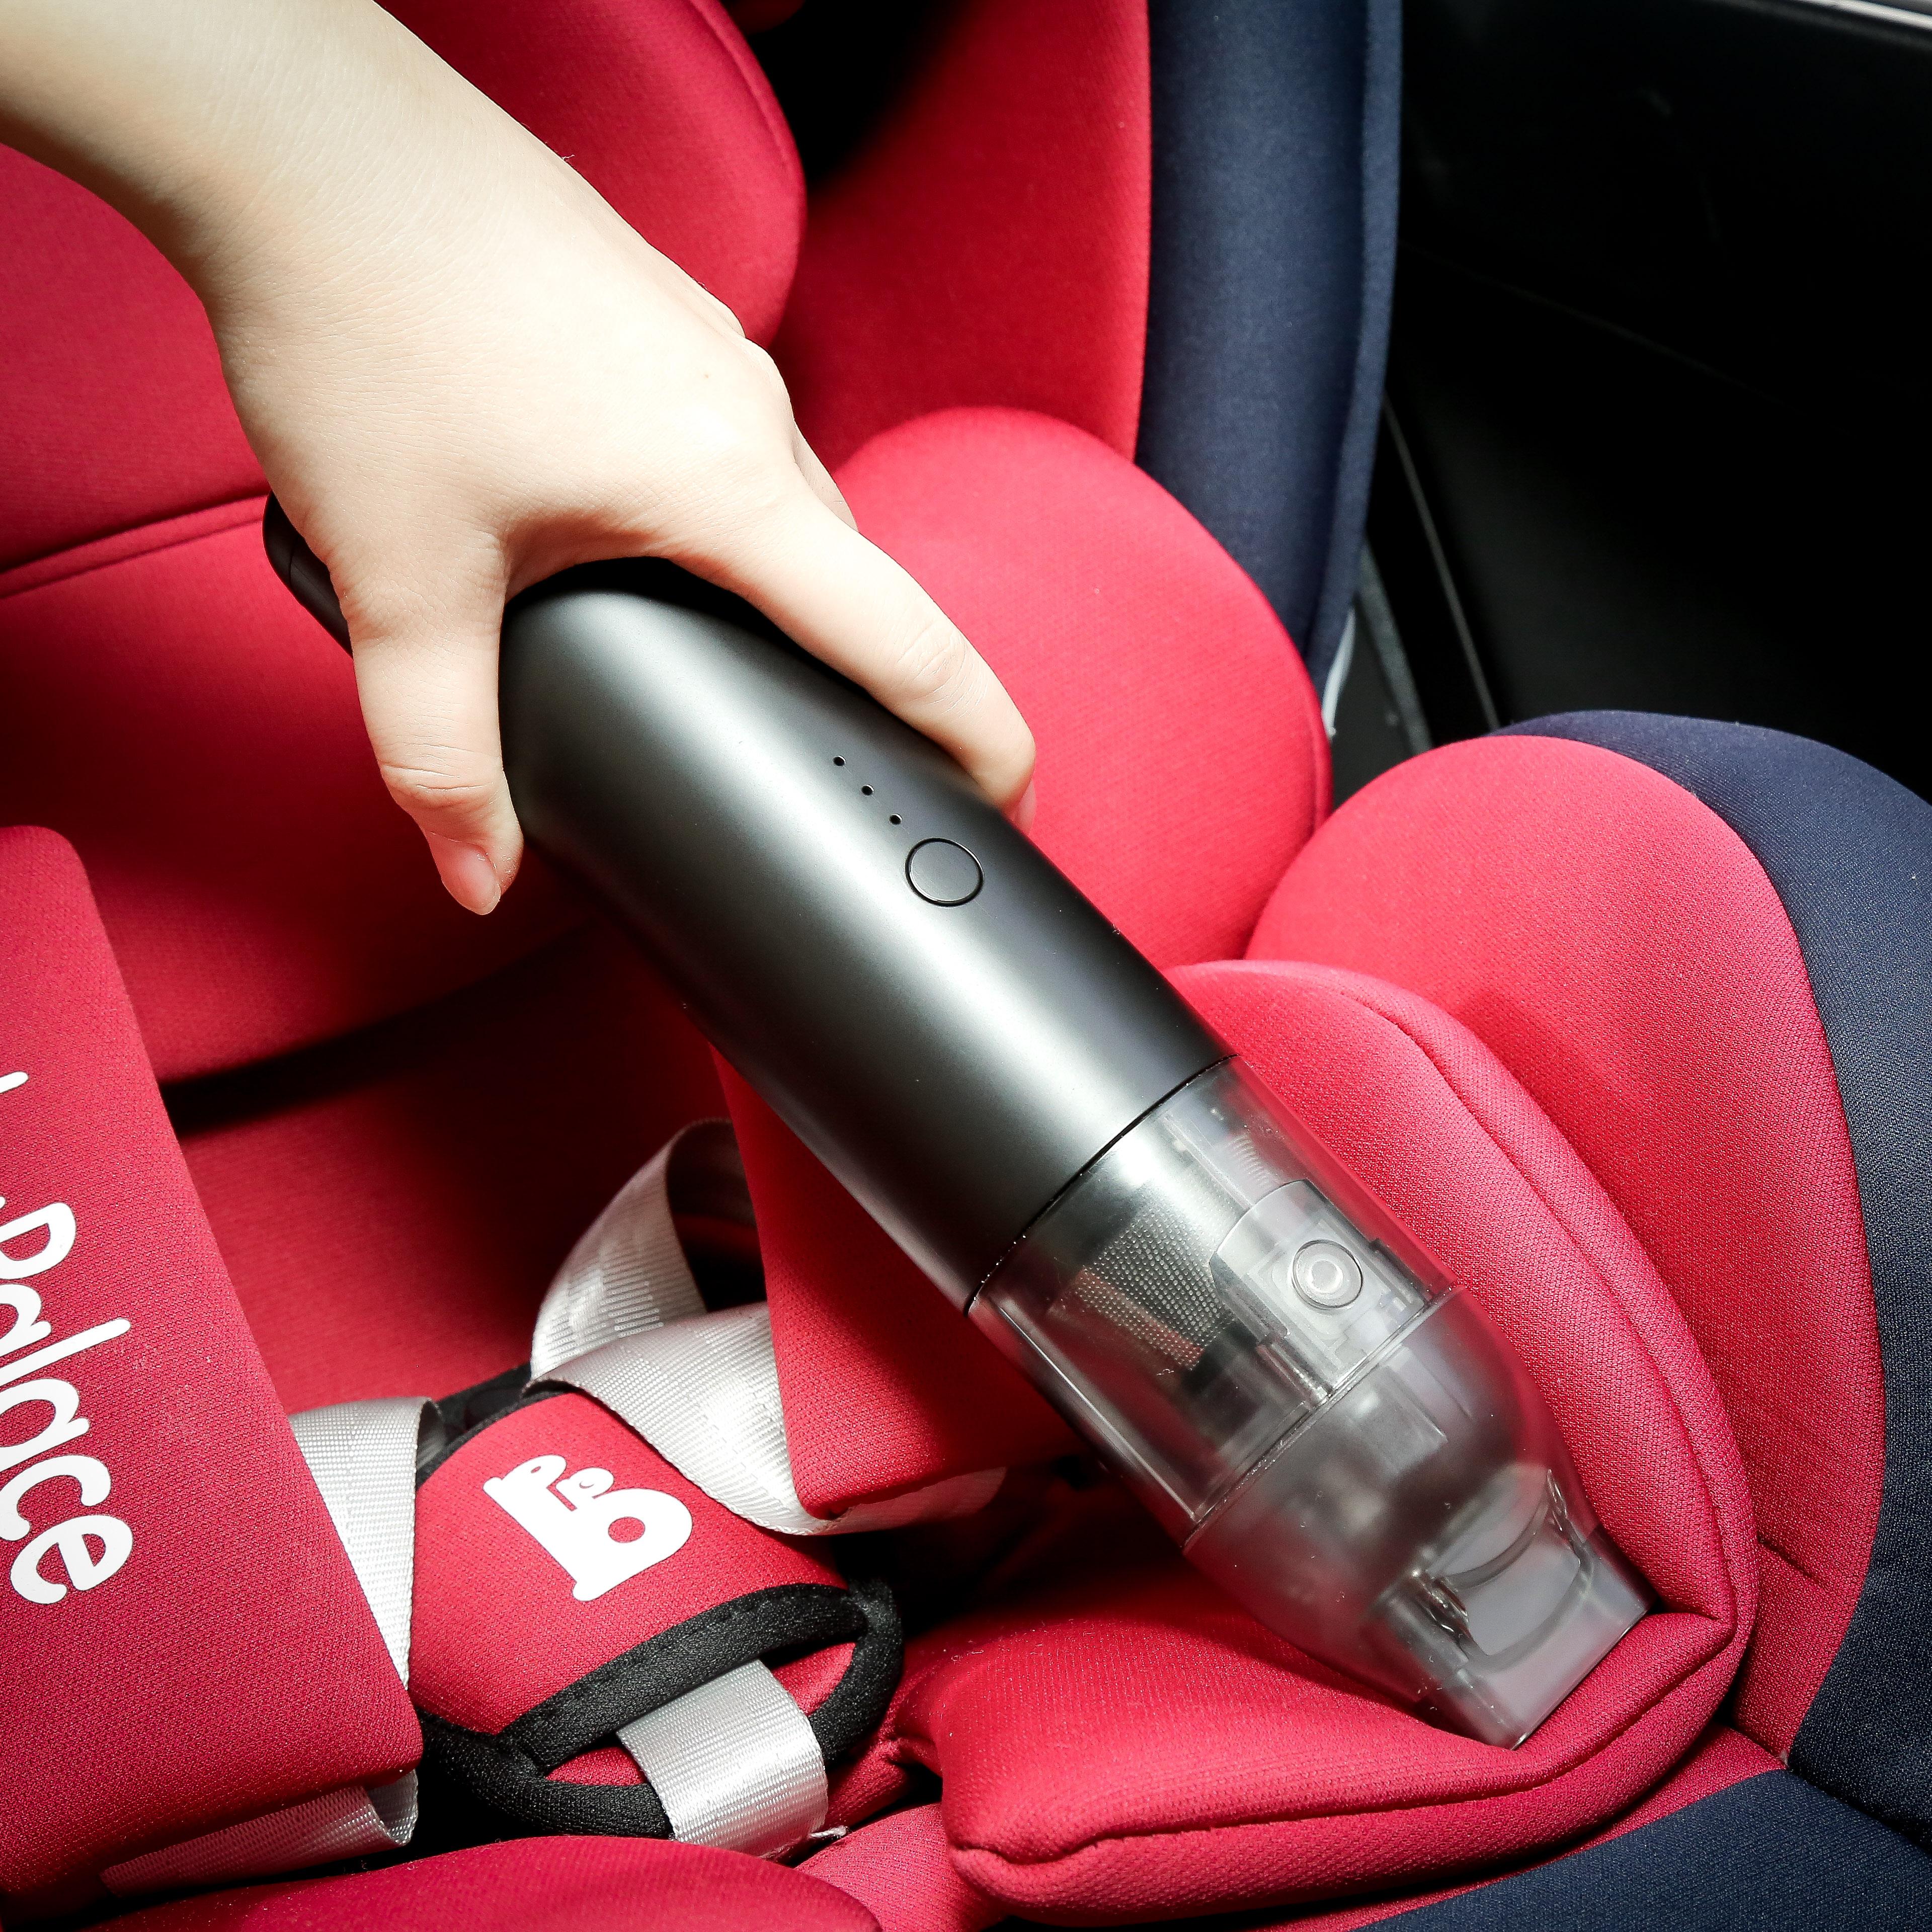 Портативный автомобильный Staubsauger умный беспроводной портативный автоматический вакуумный 5000Pa всасывания для домашних настольных для чистки мини-пылесос